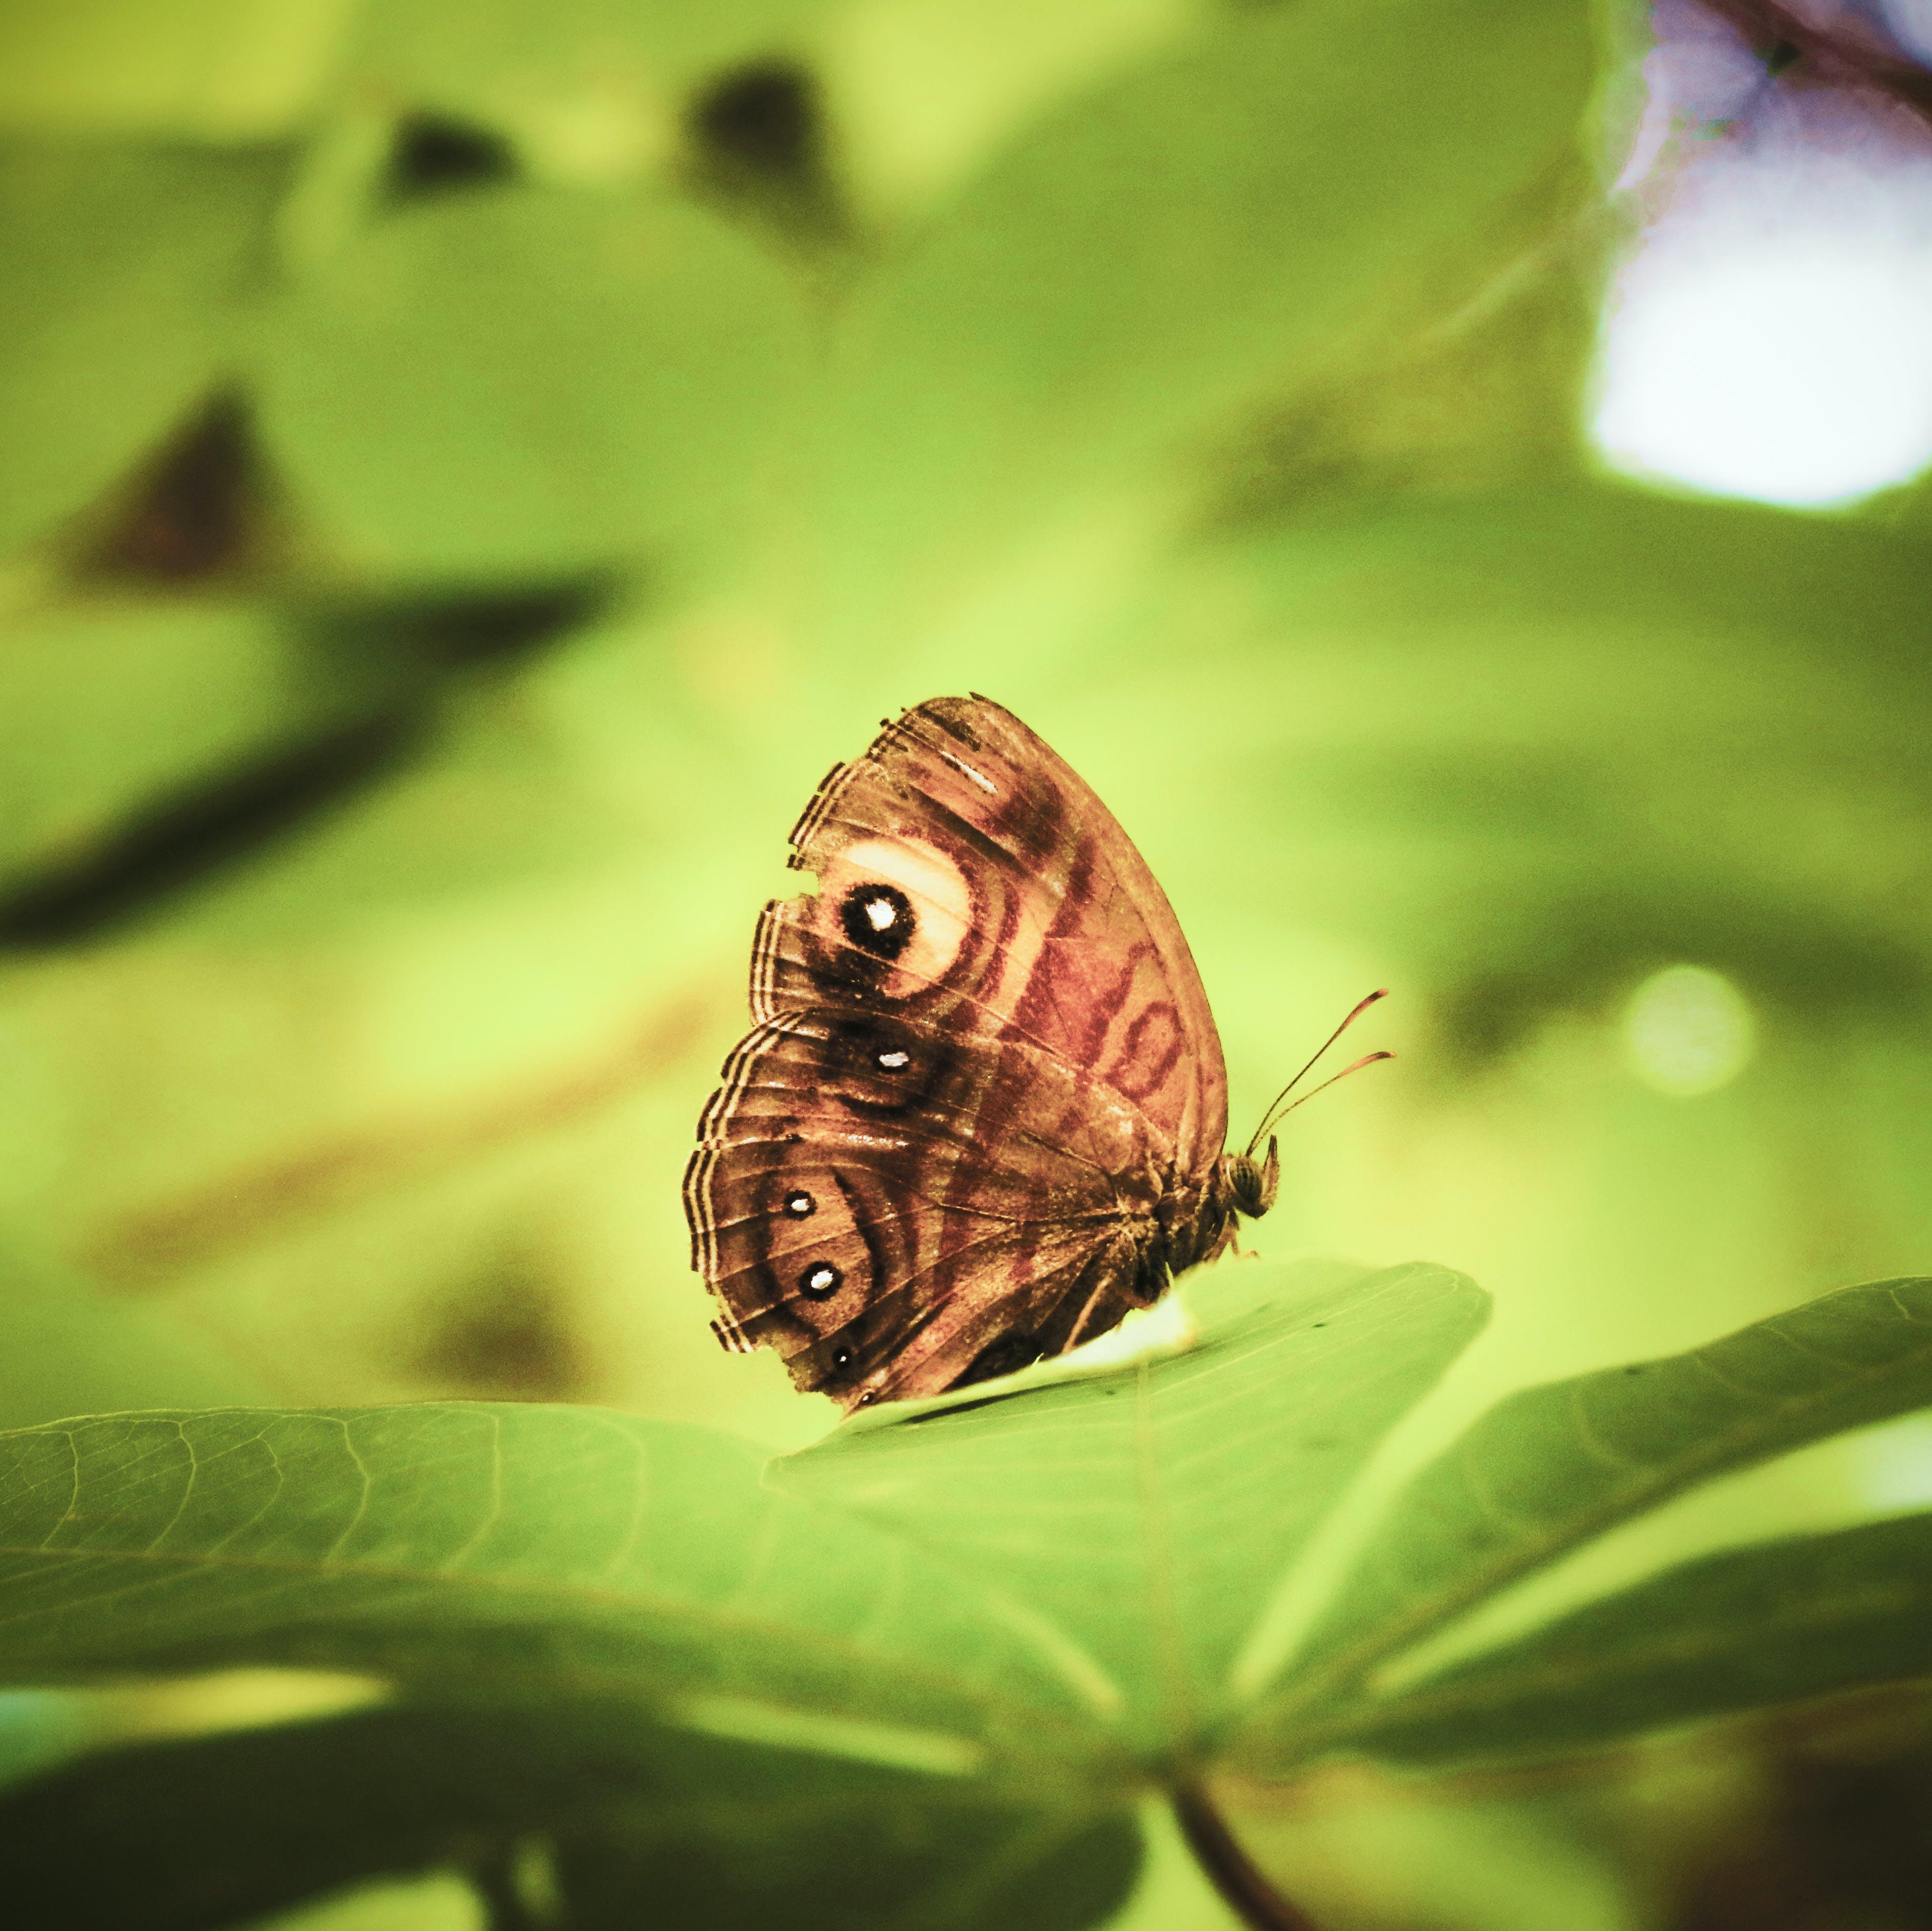 doğa, güzel, kelebek, makro fotoğraf içeren Ücretsiz stok fotoğraf